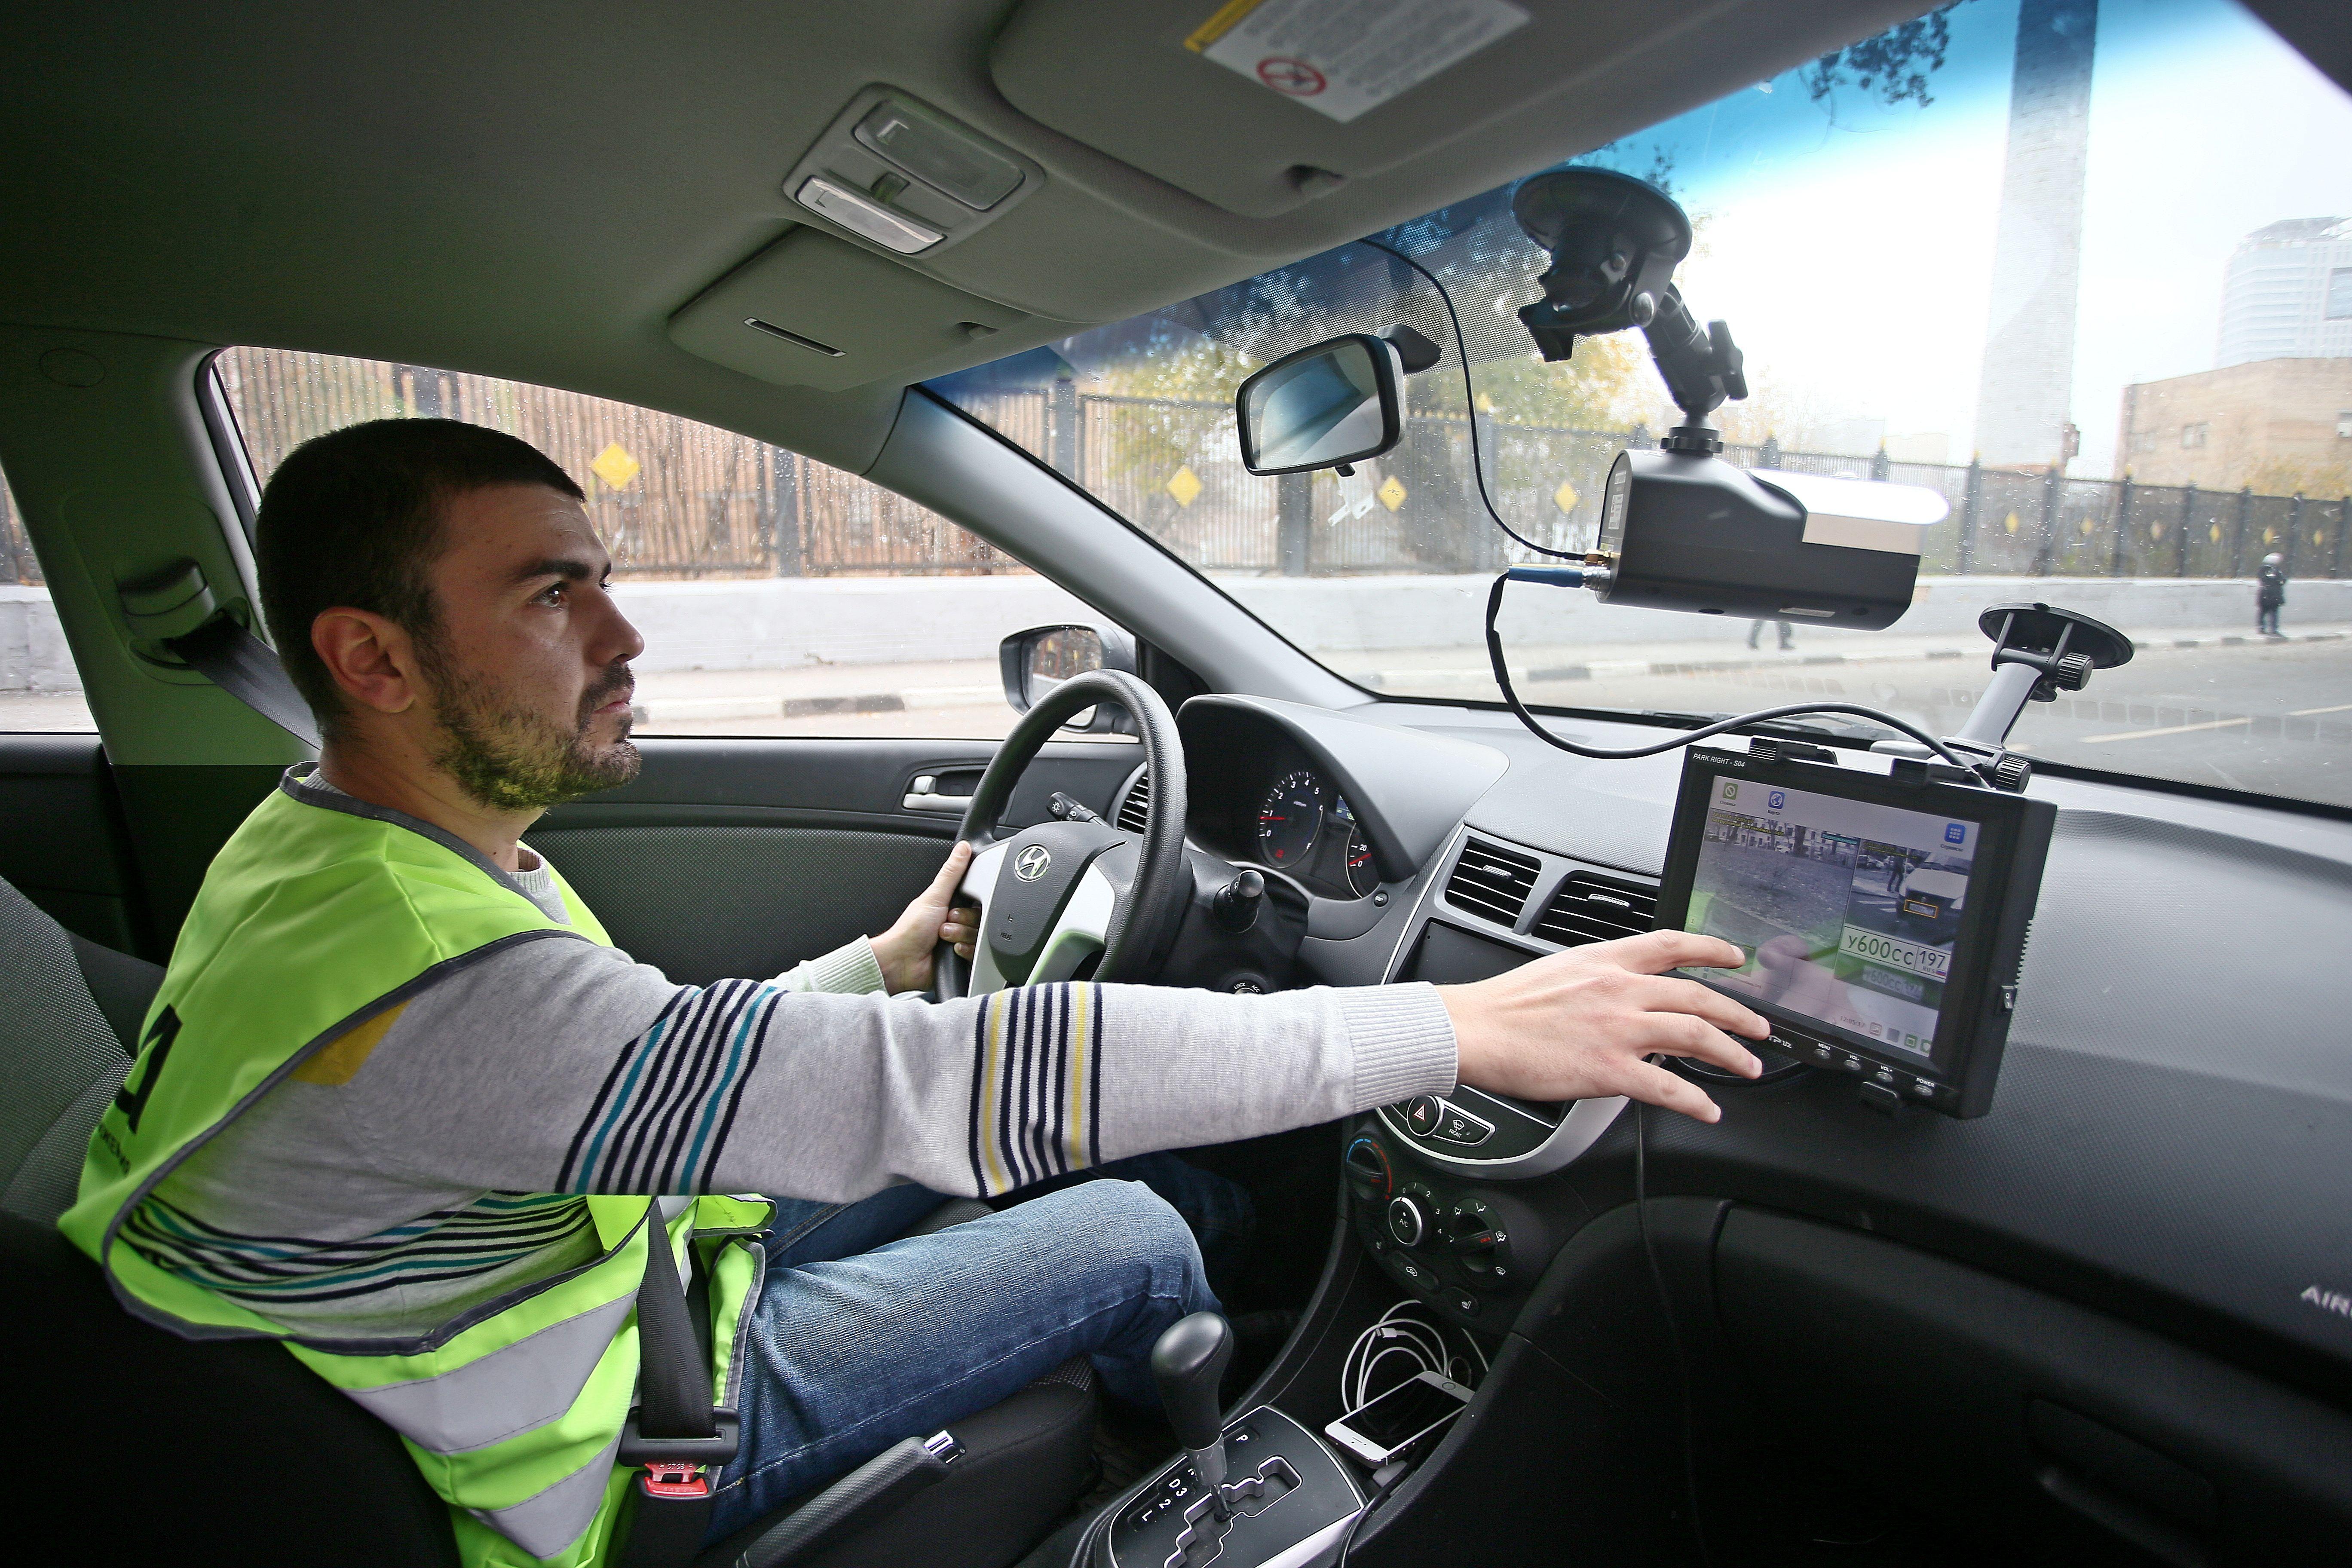 Превышение скорости стало причиной более половины ДТП в Москве